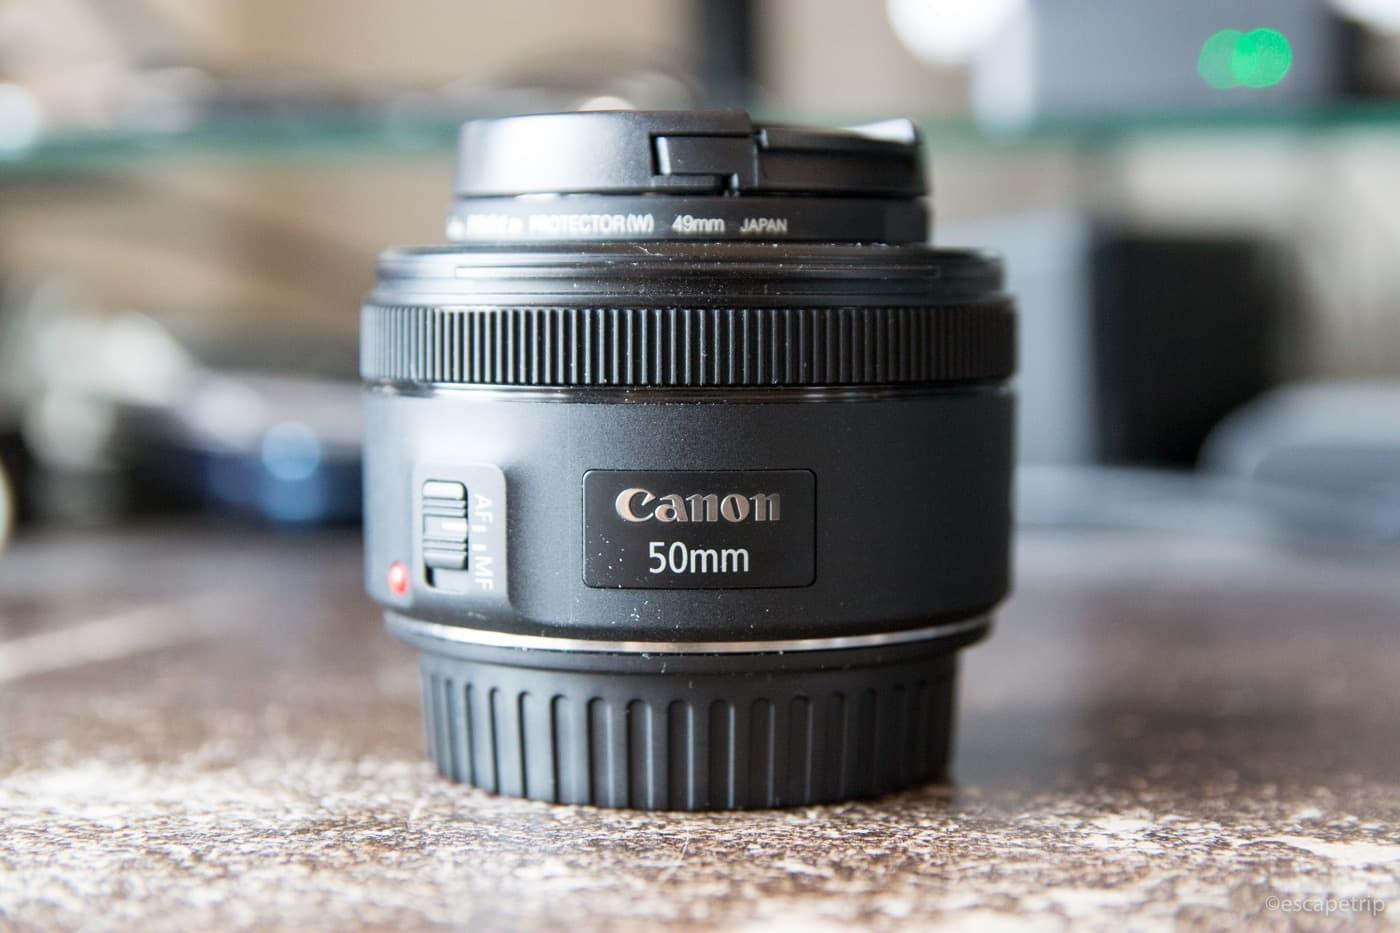 キヤノンの50mm単焦点レンズ